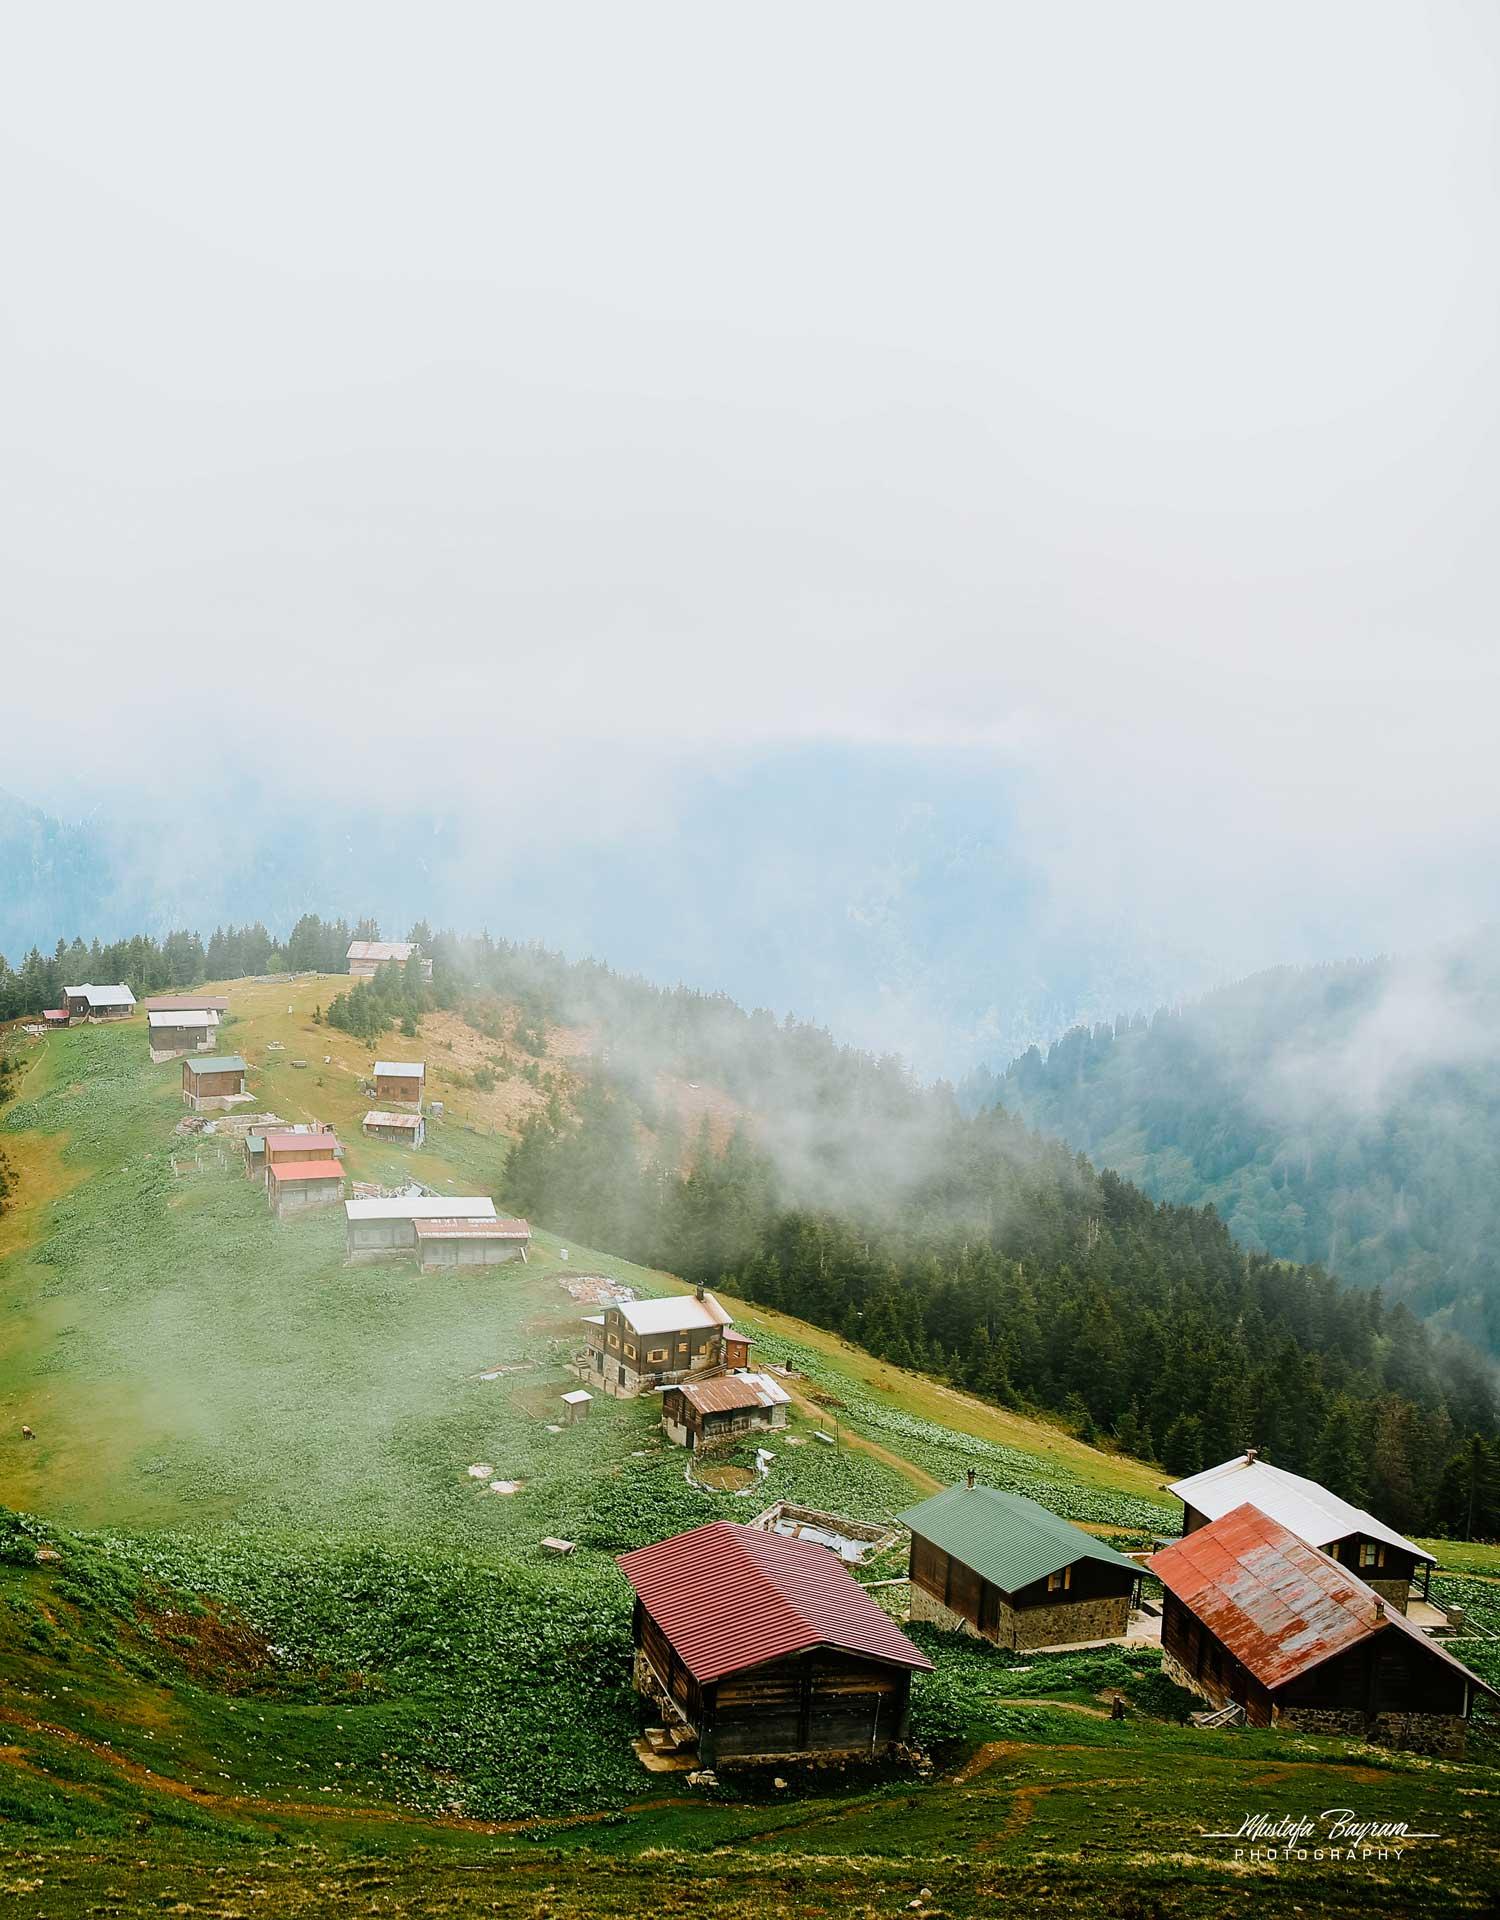 Mustafa Bayram Landscape Photograpy Altınkare Dernek Başkanı Altınkare Ajans Sahibi Fotoğraf Eğitmeni Mustafa Bayram Manzara Fotoğrafları